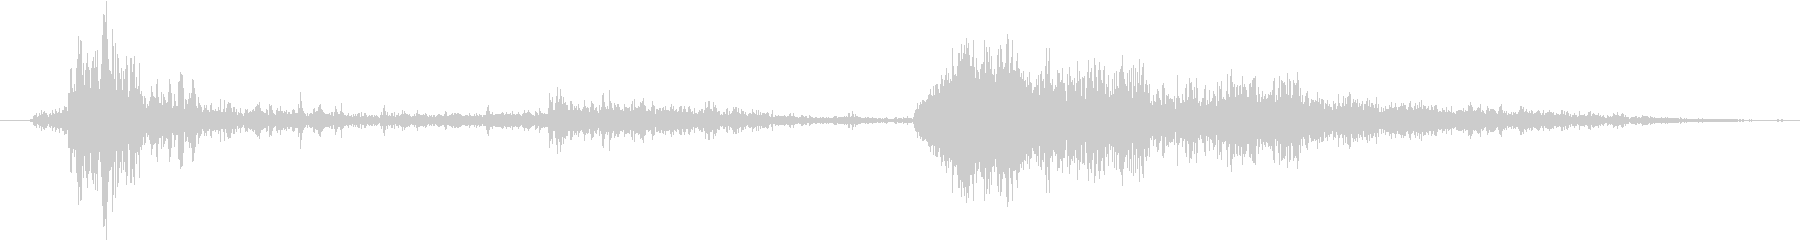 【効果音・SE】雷鳴・サンダーボルト・…の未再生の波形